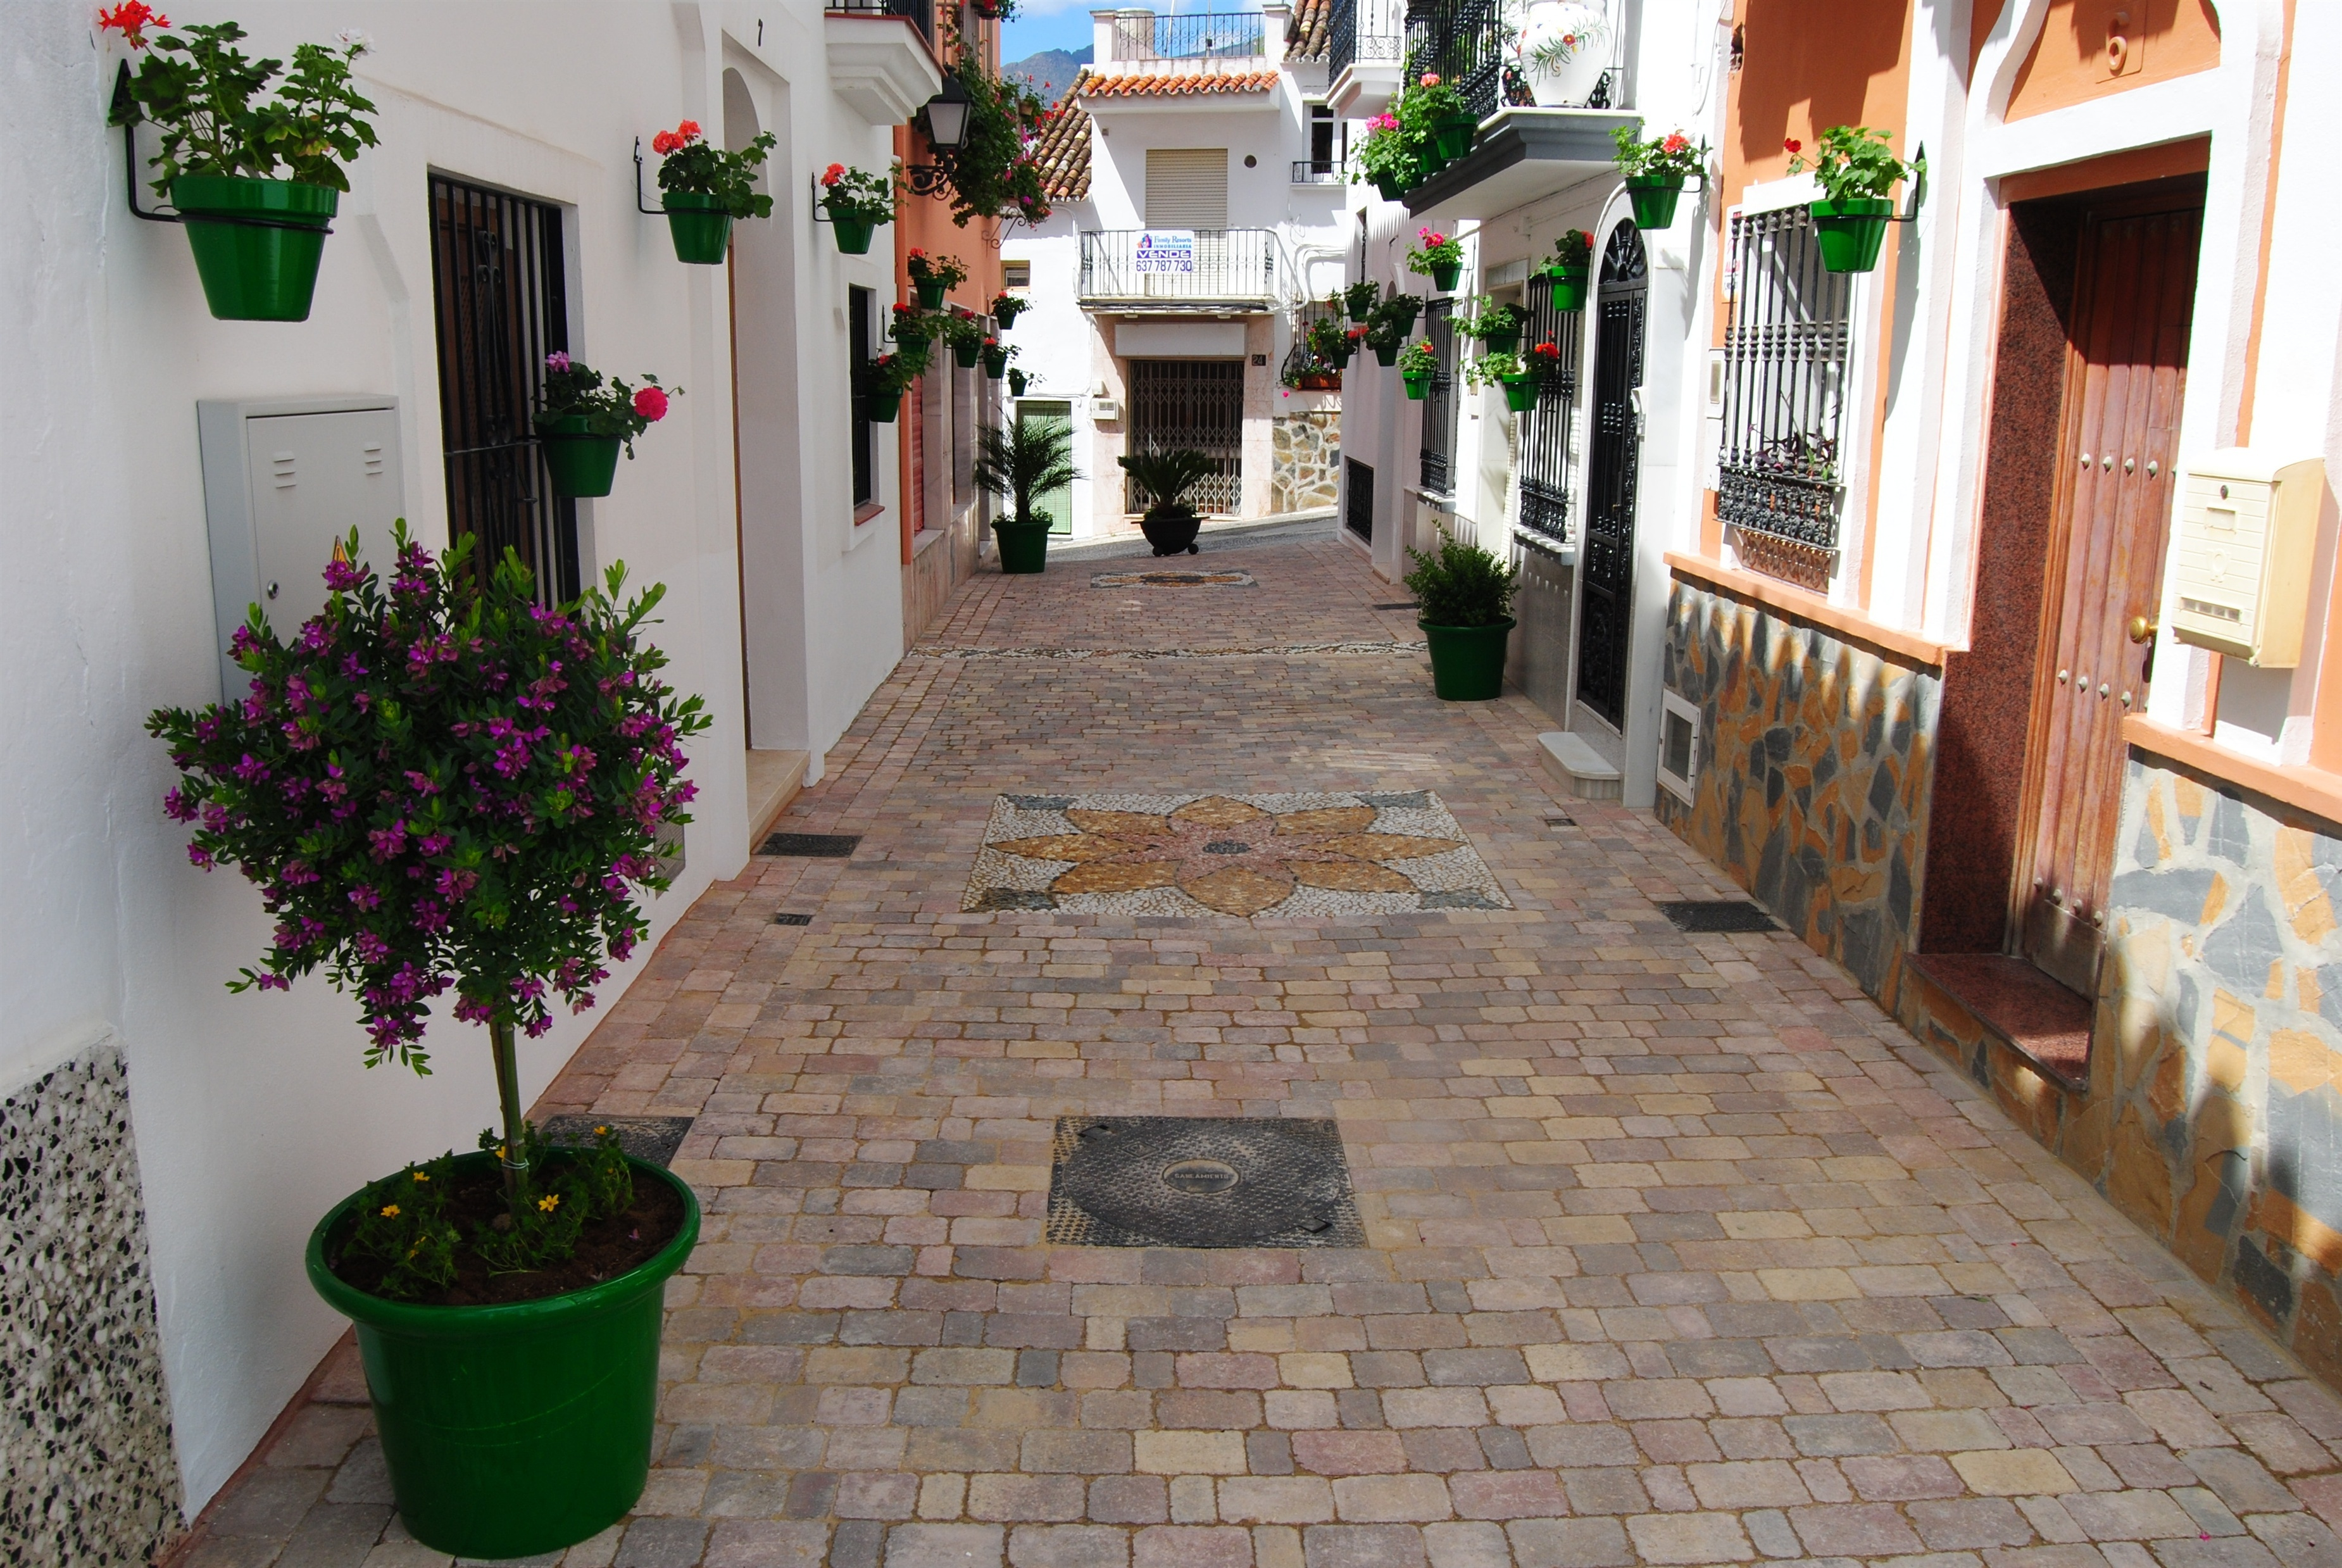 Aumenta un 70 por ciento el número de turistas que visitan Estepona en los primeros siete meses